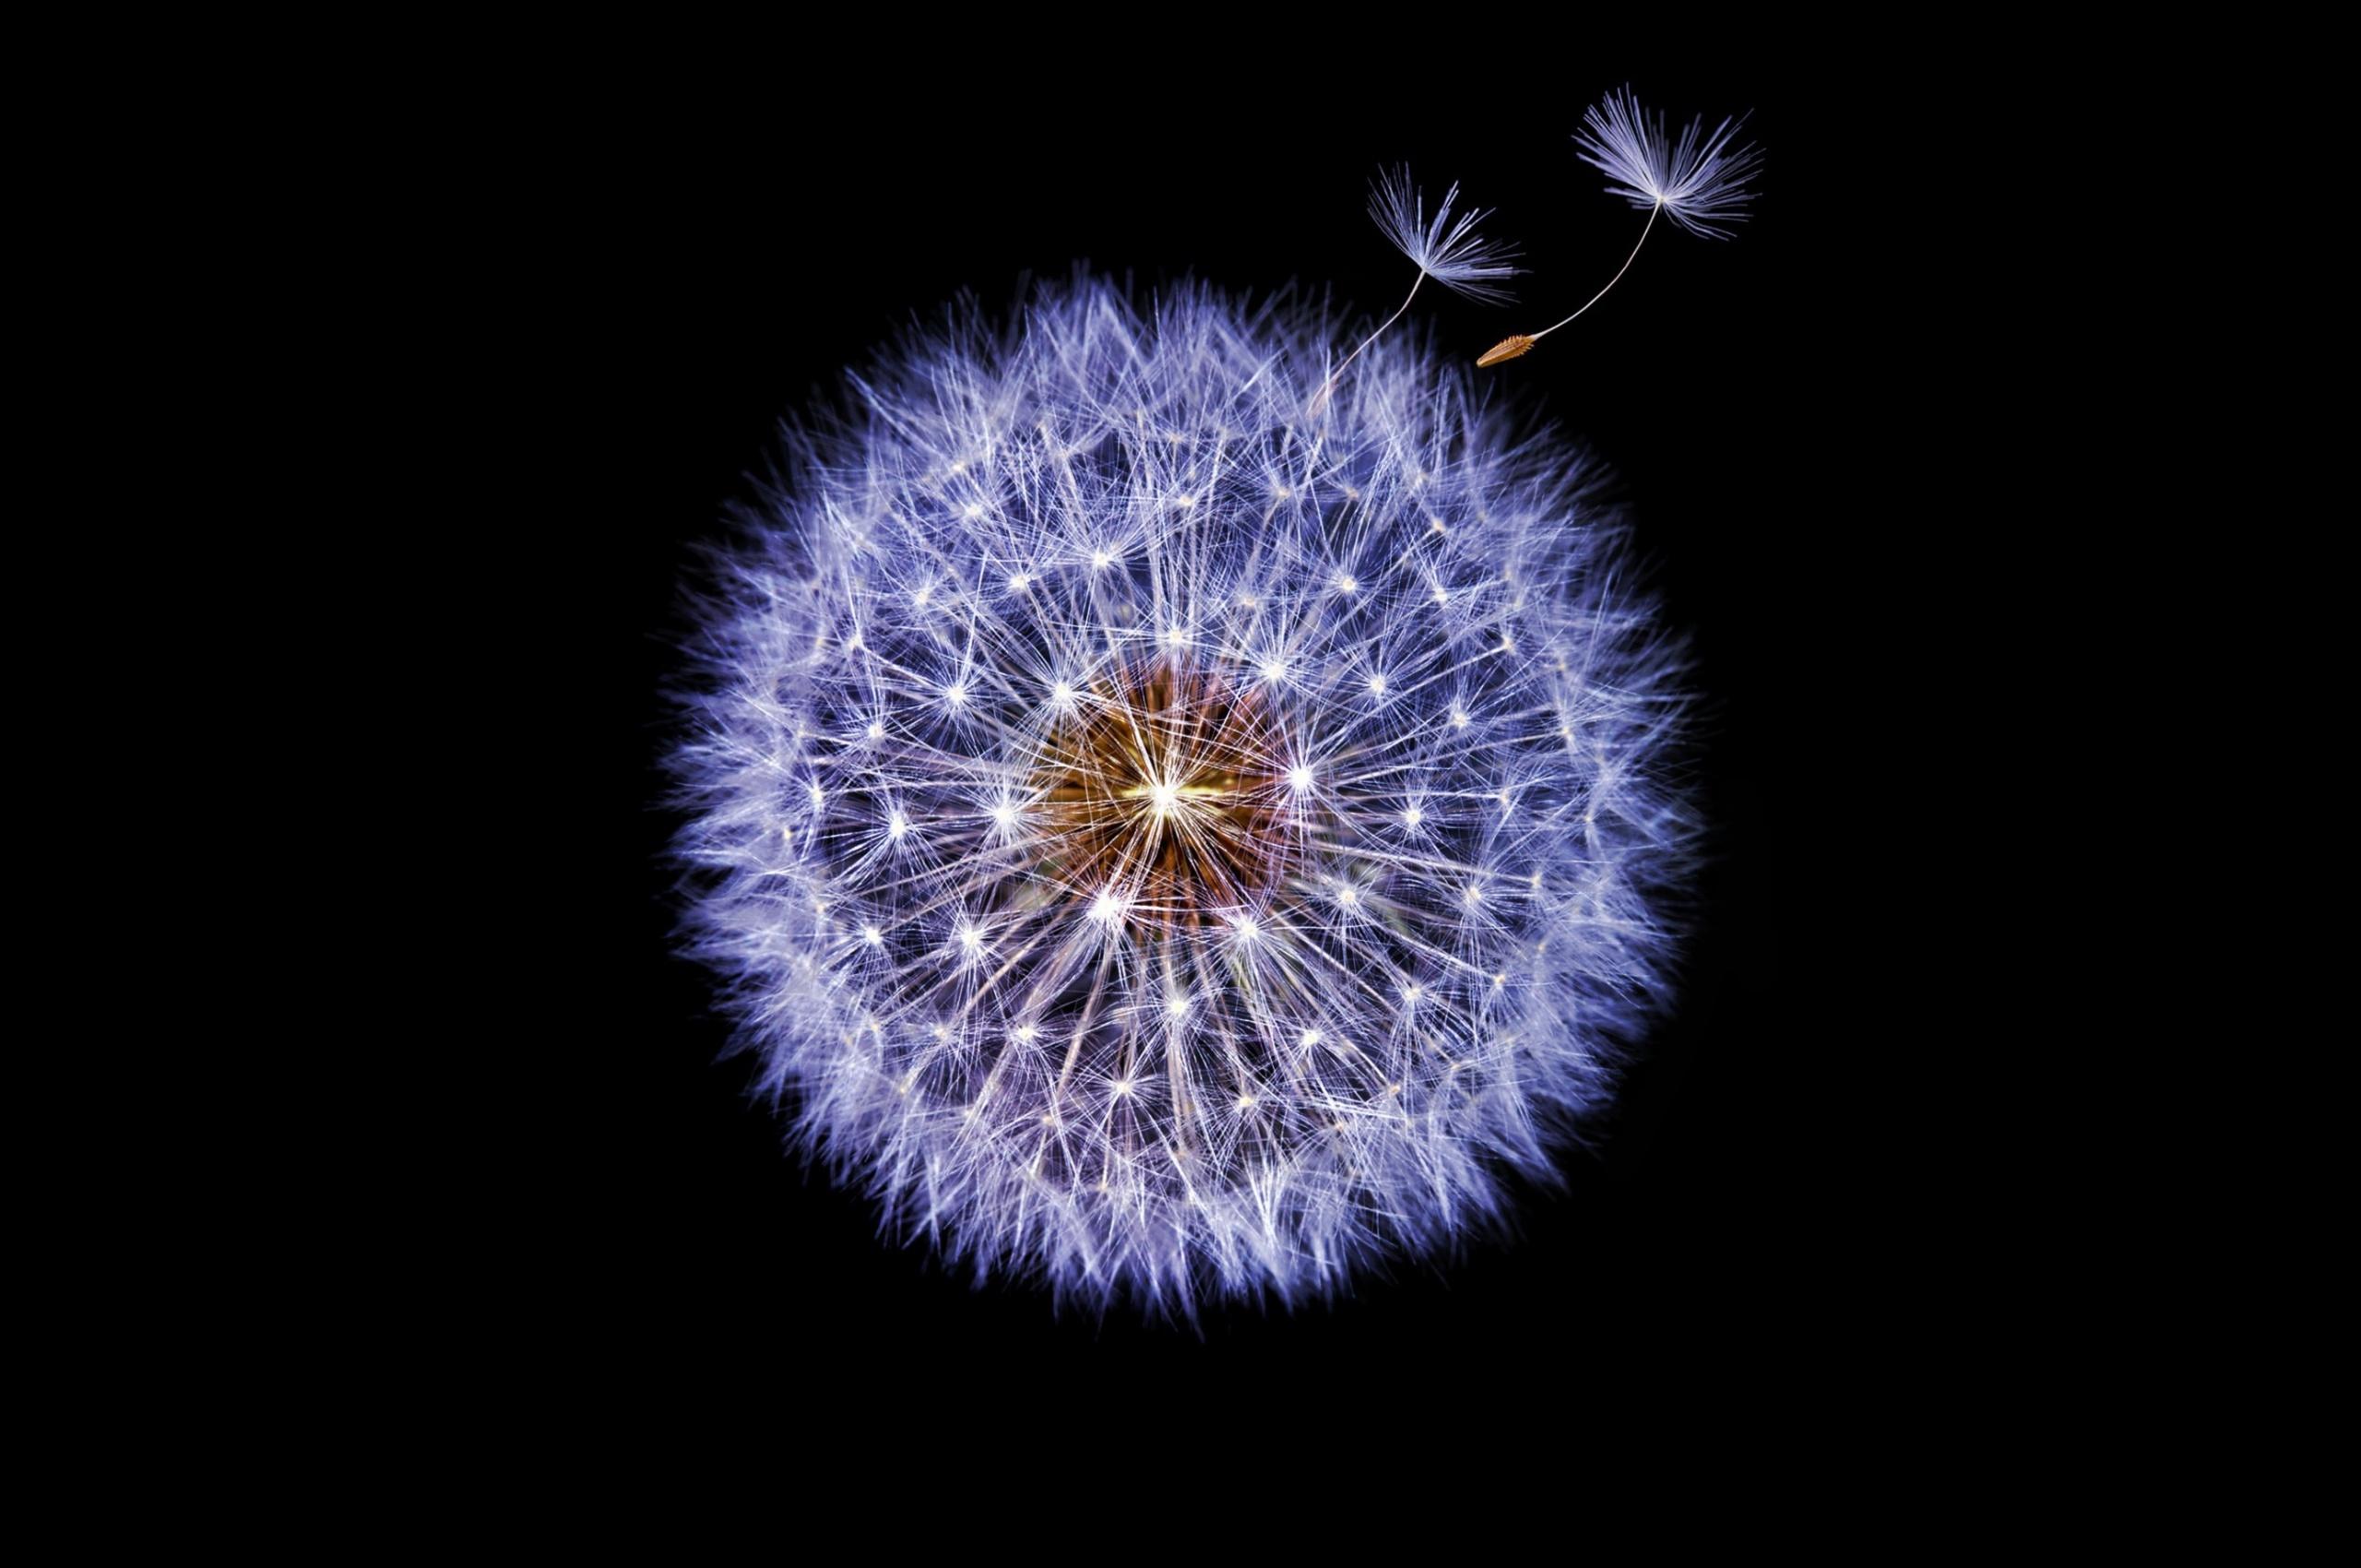 dandelion-dark-background-qf.jpg